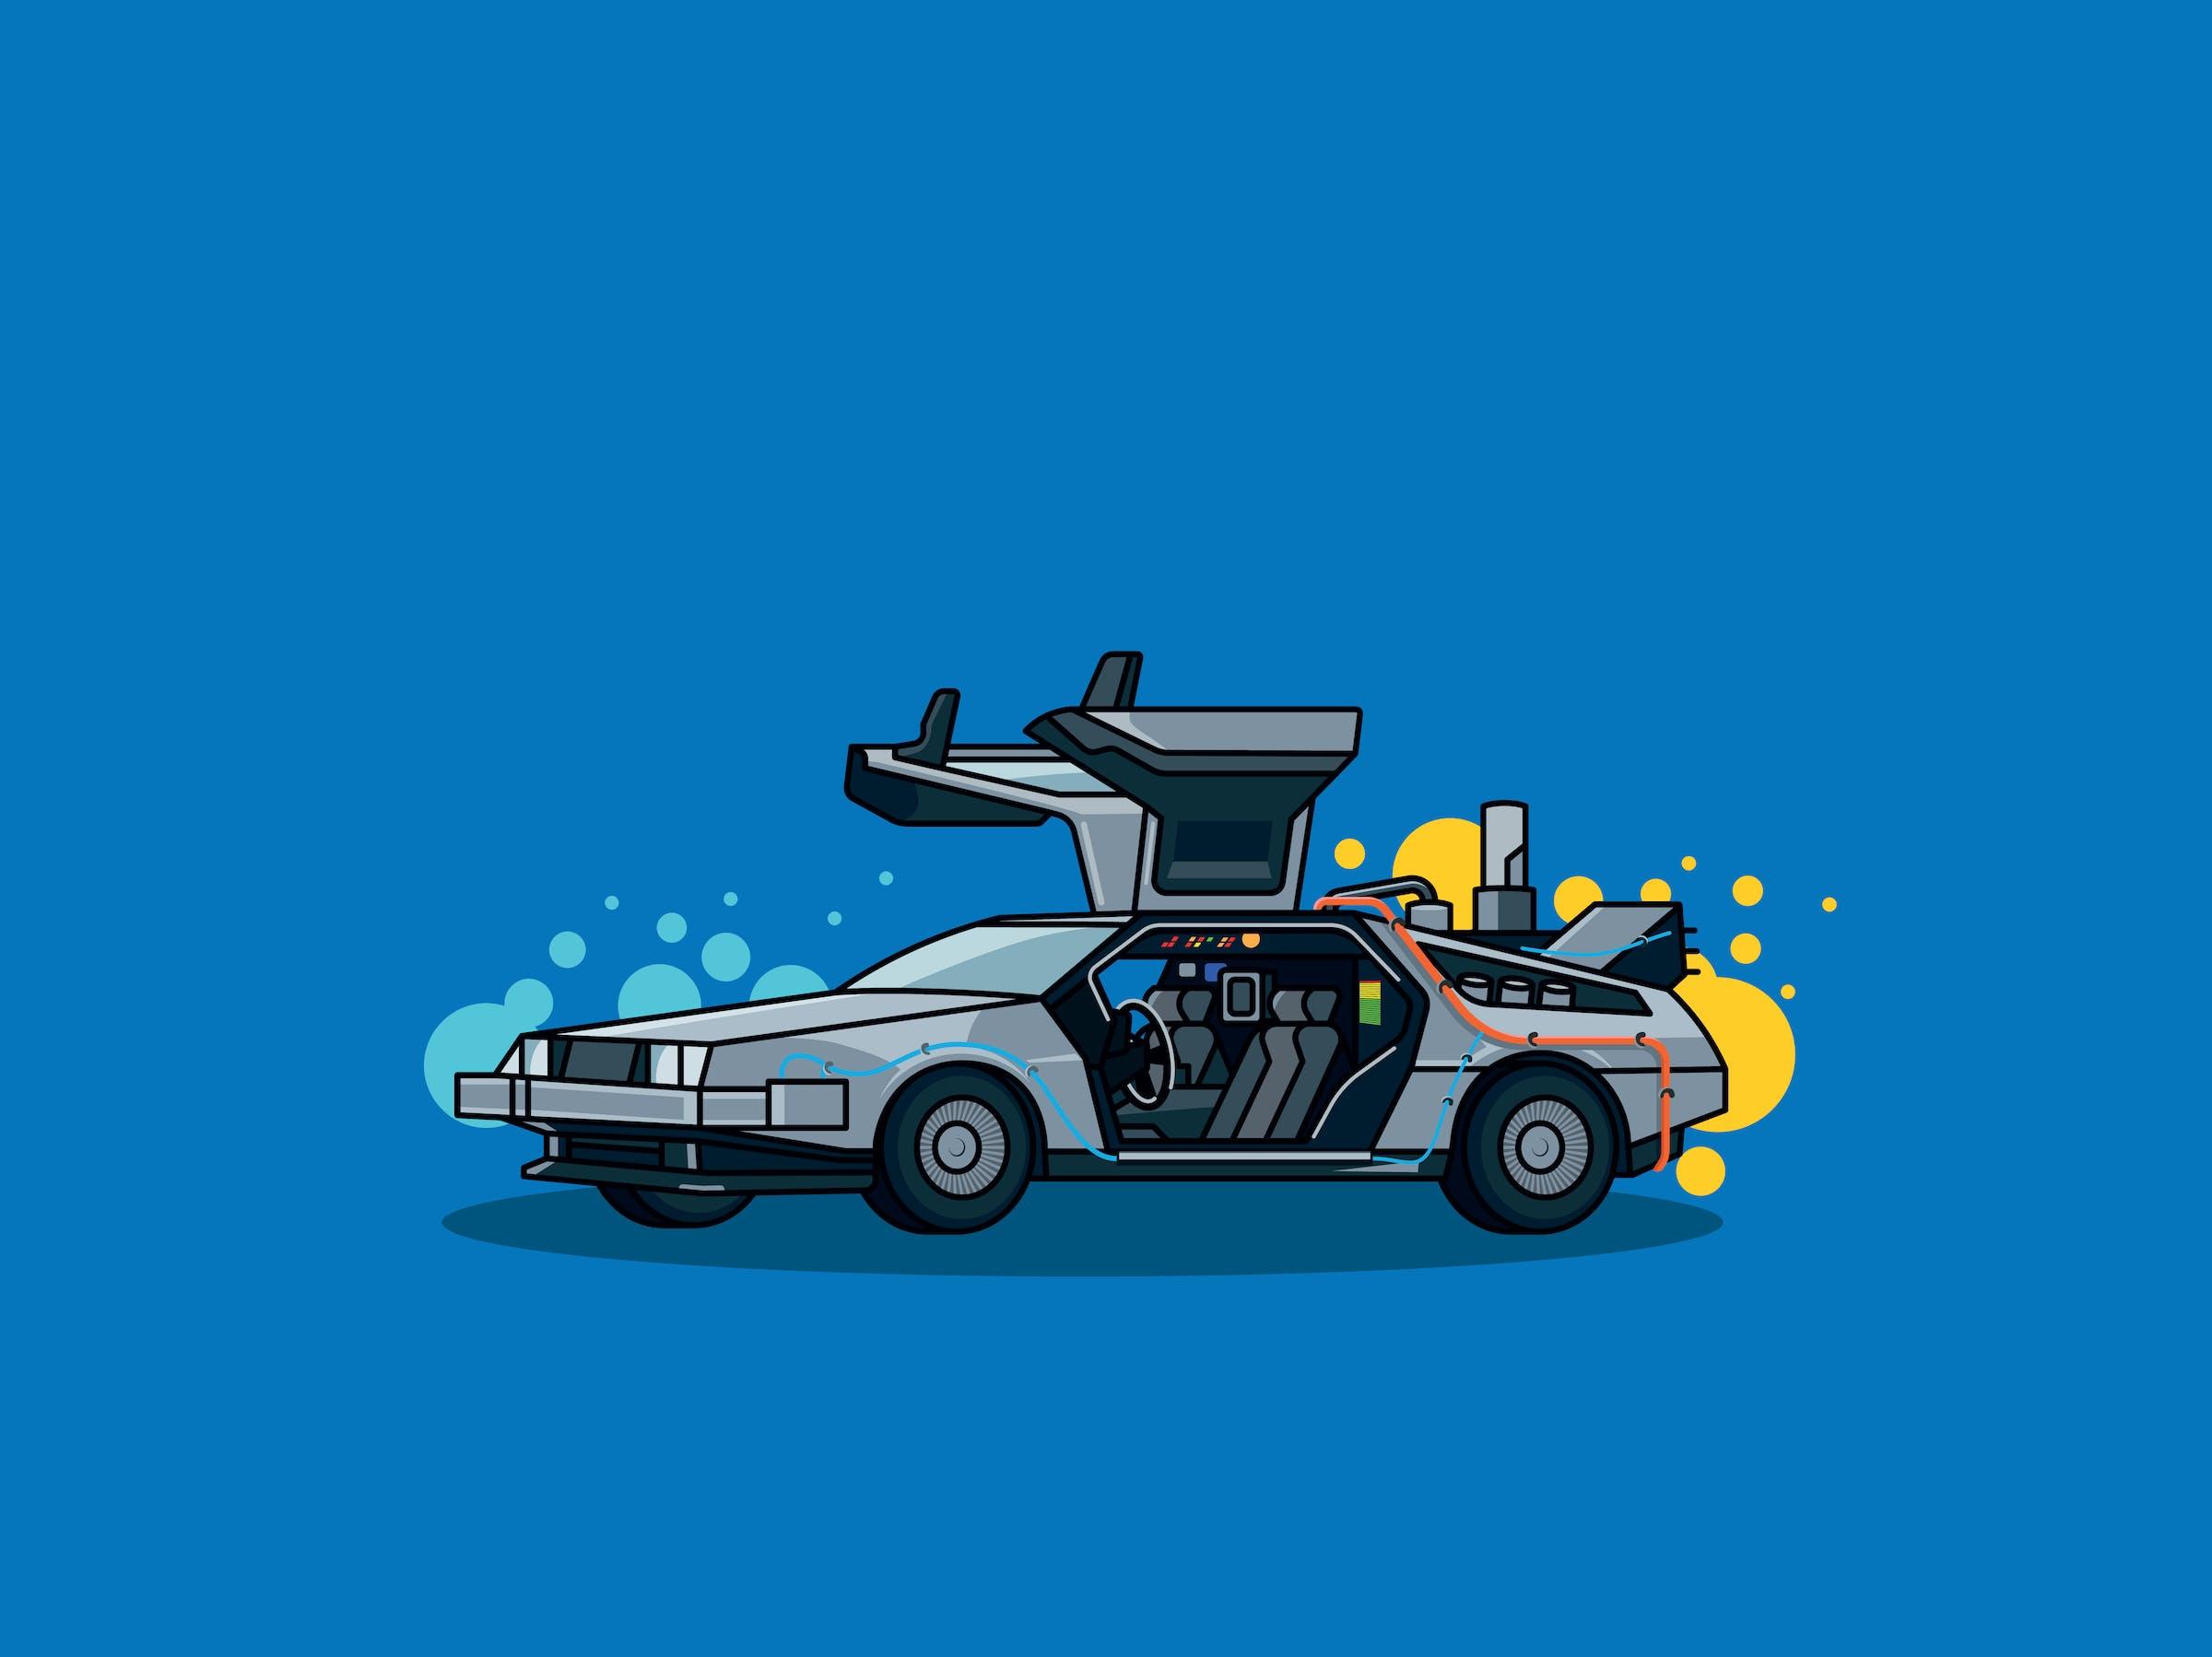 DeLorean illustration